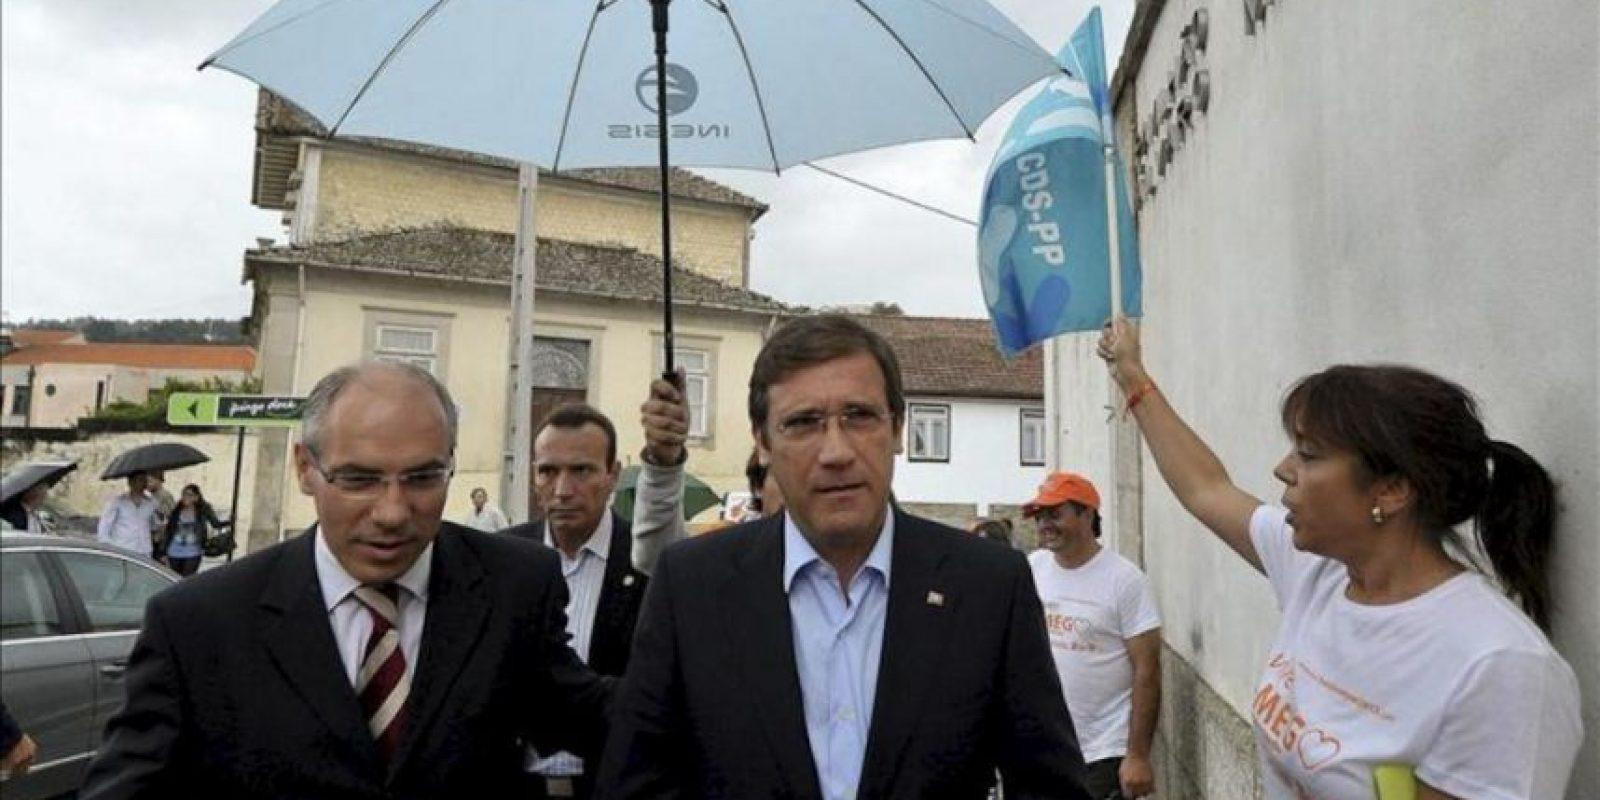 El primer ministro portugués y líder del Partido Socialdemócrata (PSD) luso, Pedro Passos Coelho (c), y el candidato del PSD para el ayuntamiento de Lamego, Francisco Lopes (i), asisten a un acto de campaña electoral, el pasado viernes. EFE